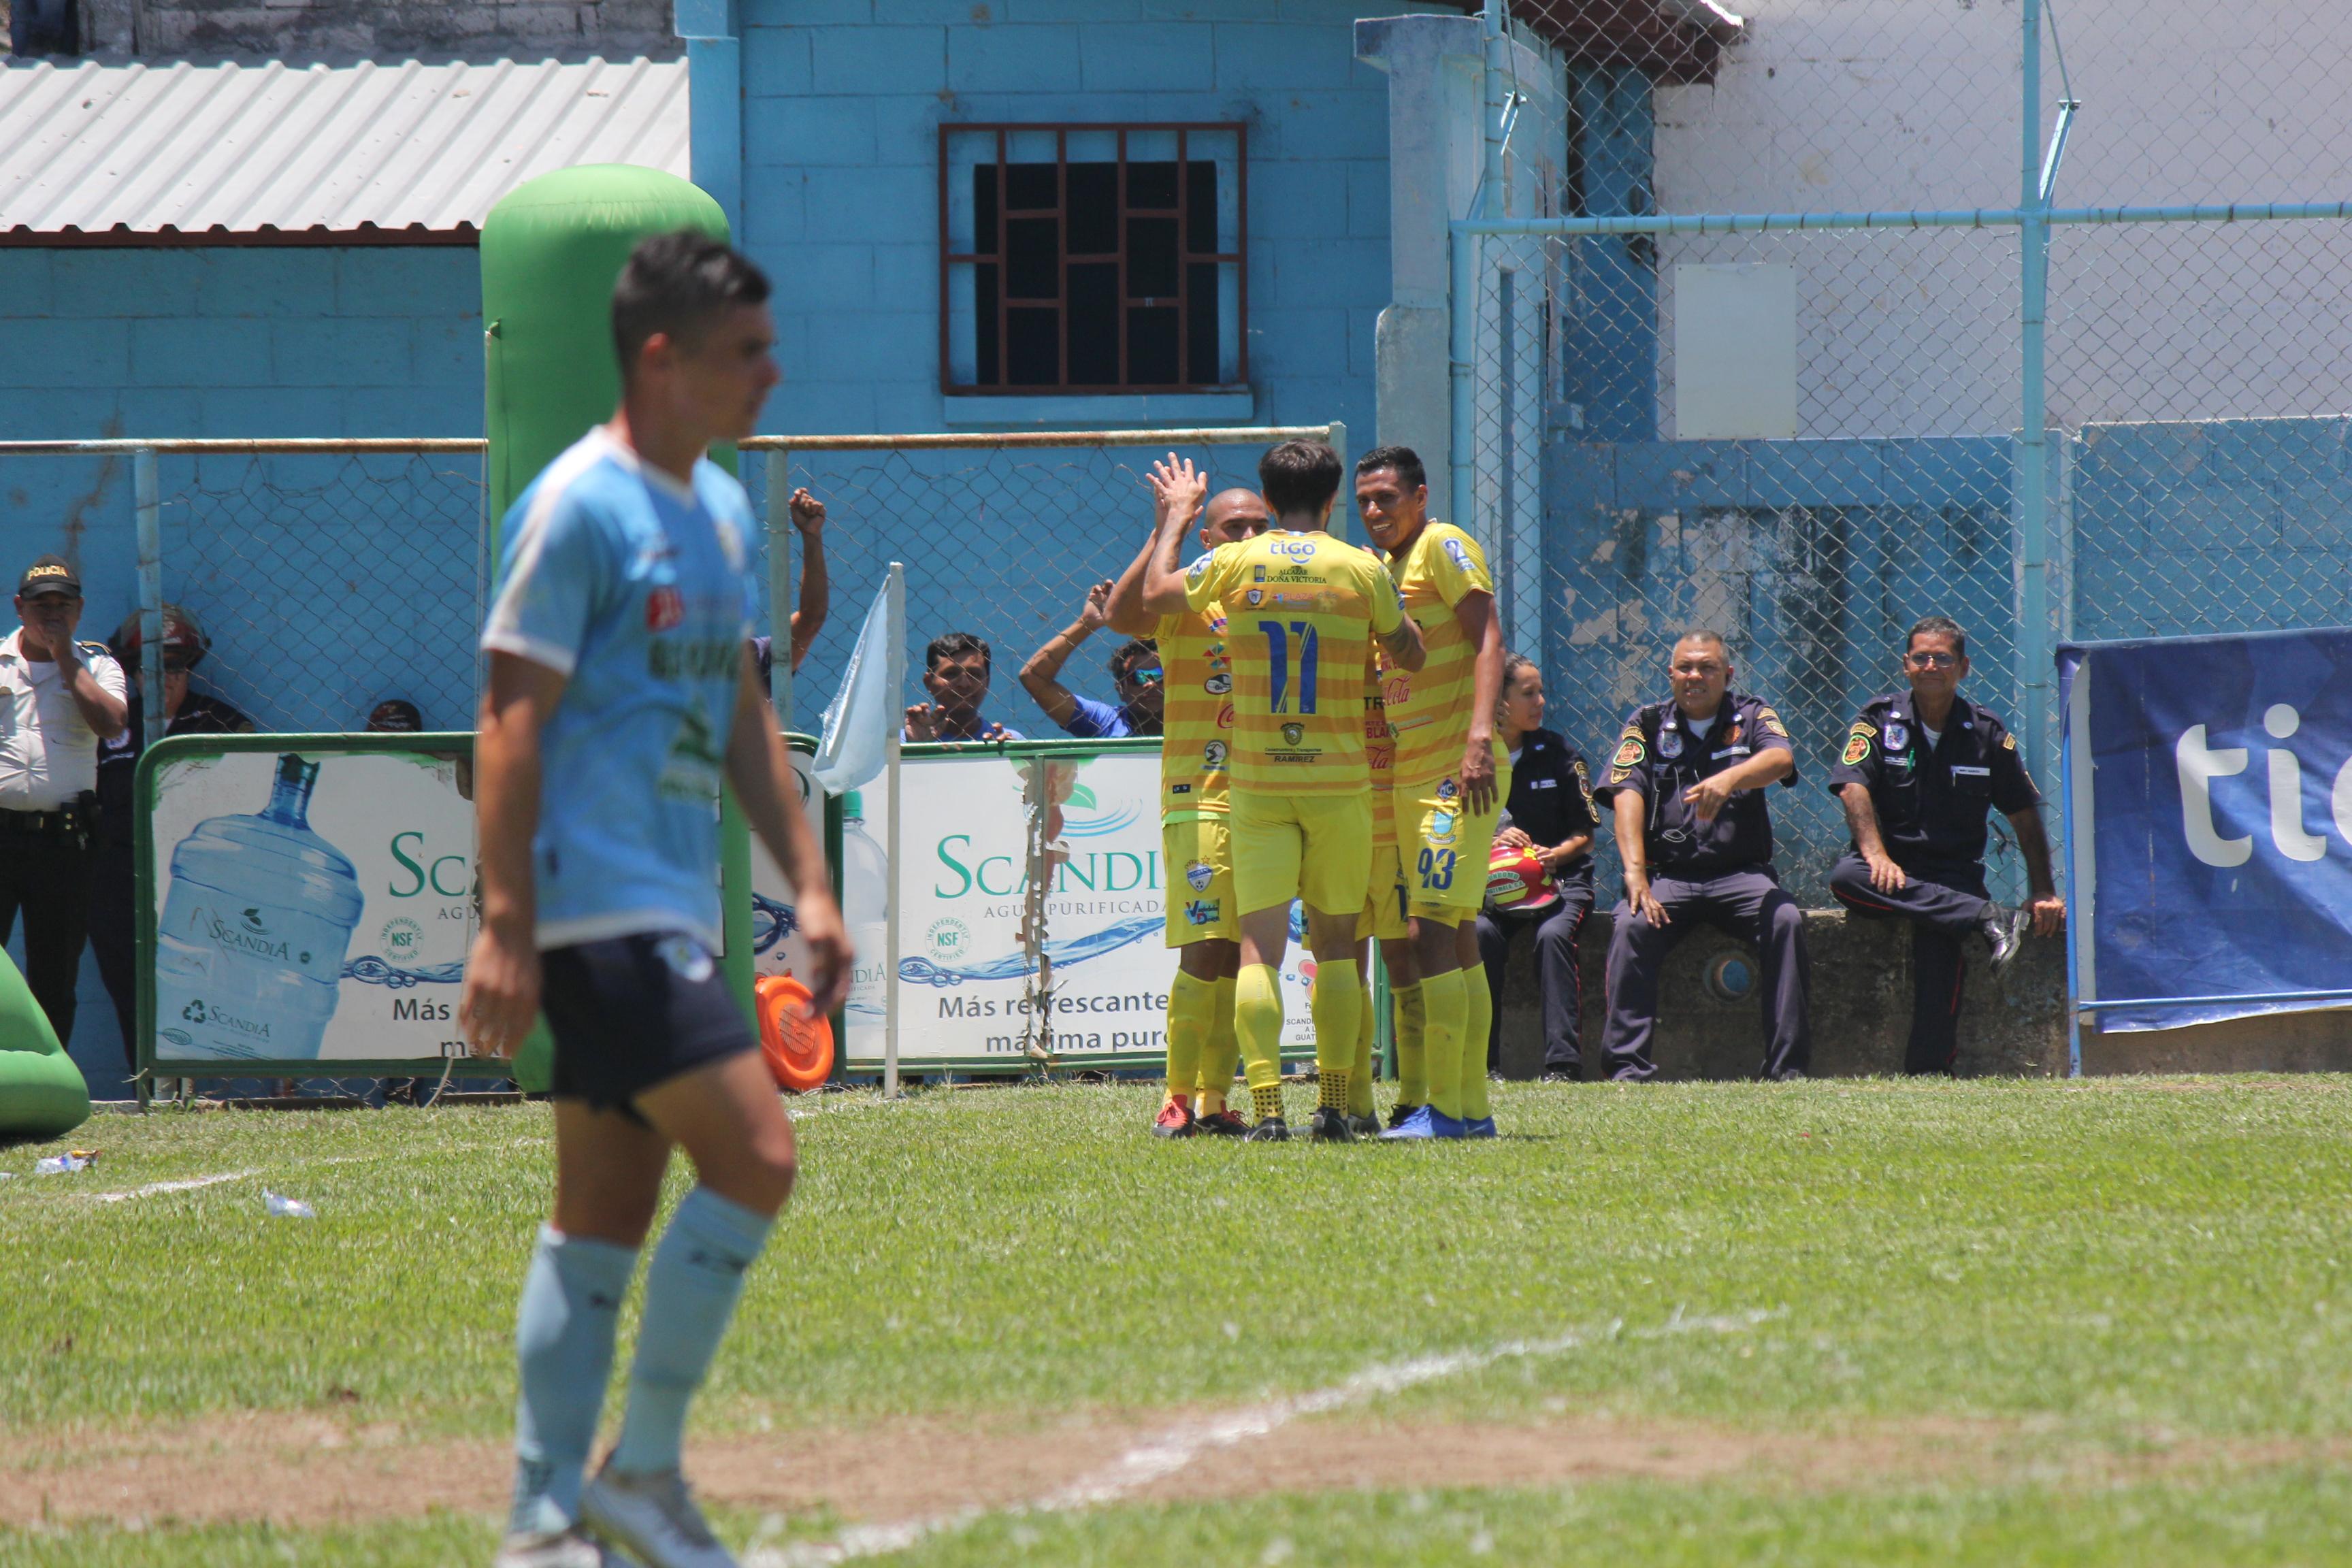 Así celebraron los jugadores cobaneros, la victoria contra Sanarate. (Foto Prensa Libre: Luis López)